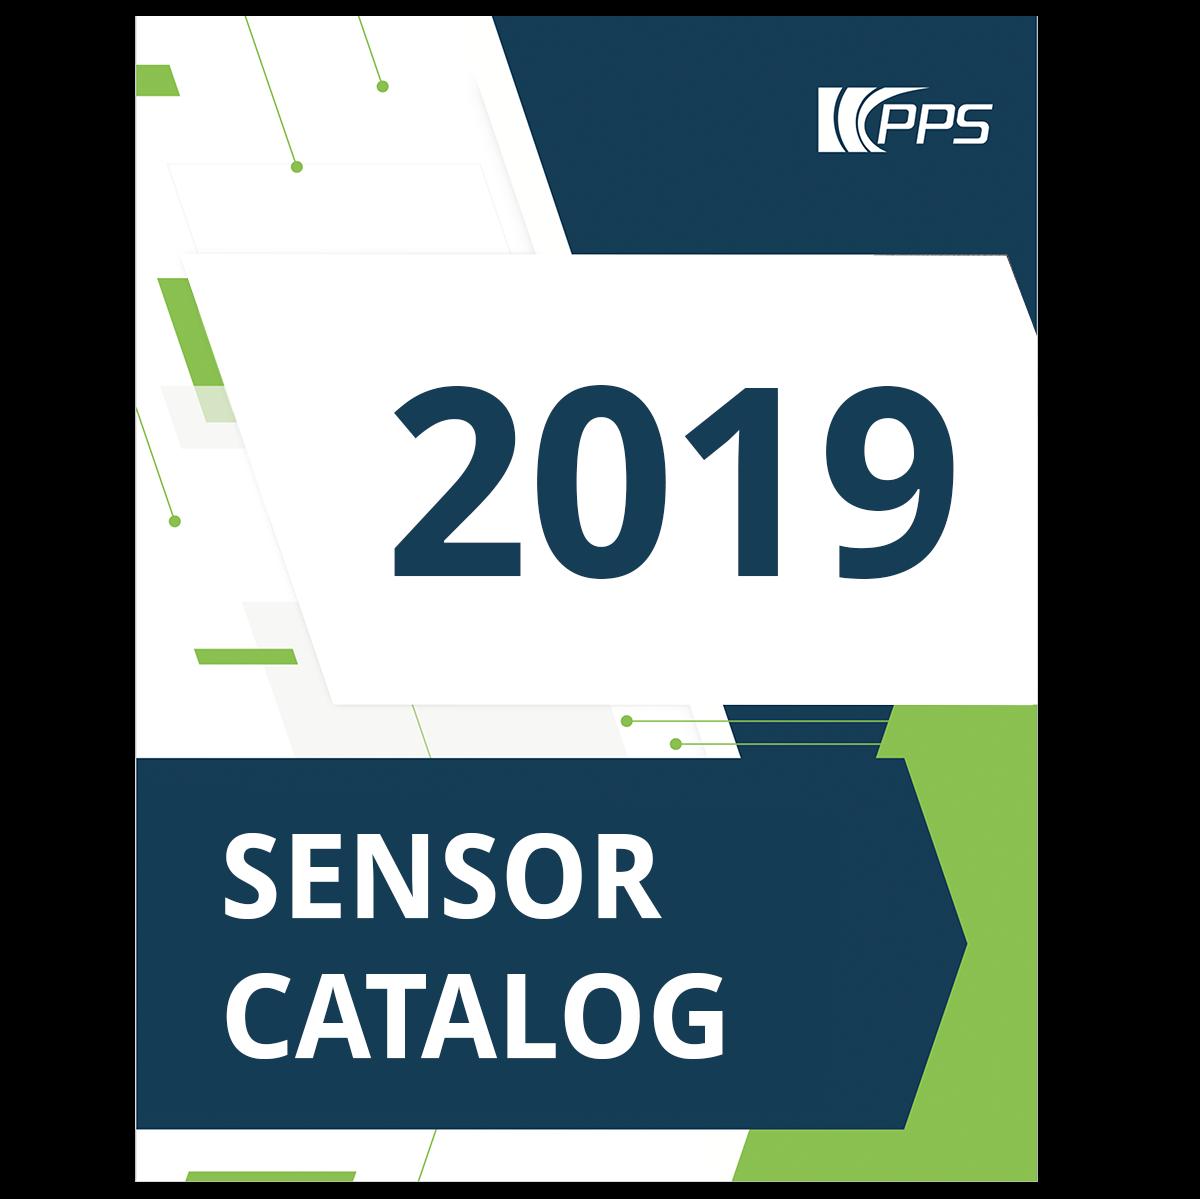 sensor-catalog.png